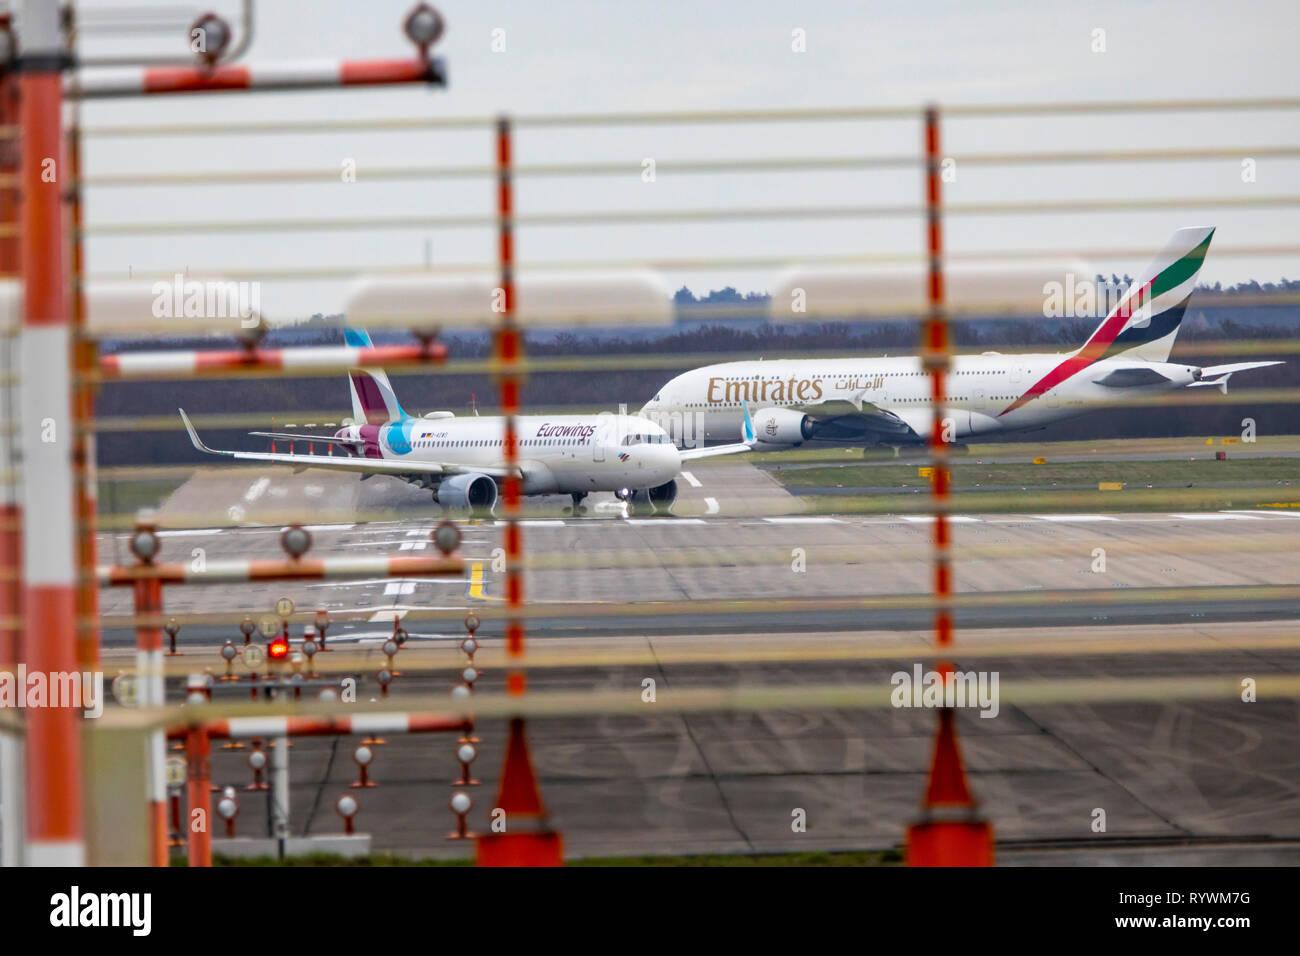 L'Aéroport International de Düsseldorf, Emirates Airbus A380-800 sur le chemin de la piste, Eurowings Airbus a tout juste de se poser, Banque D'Images